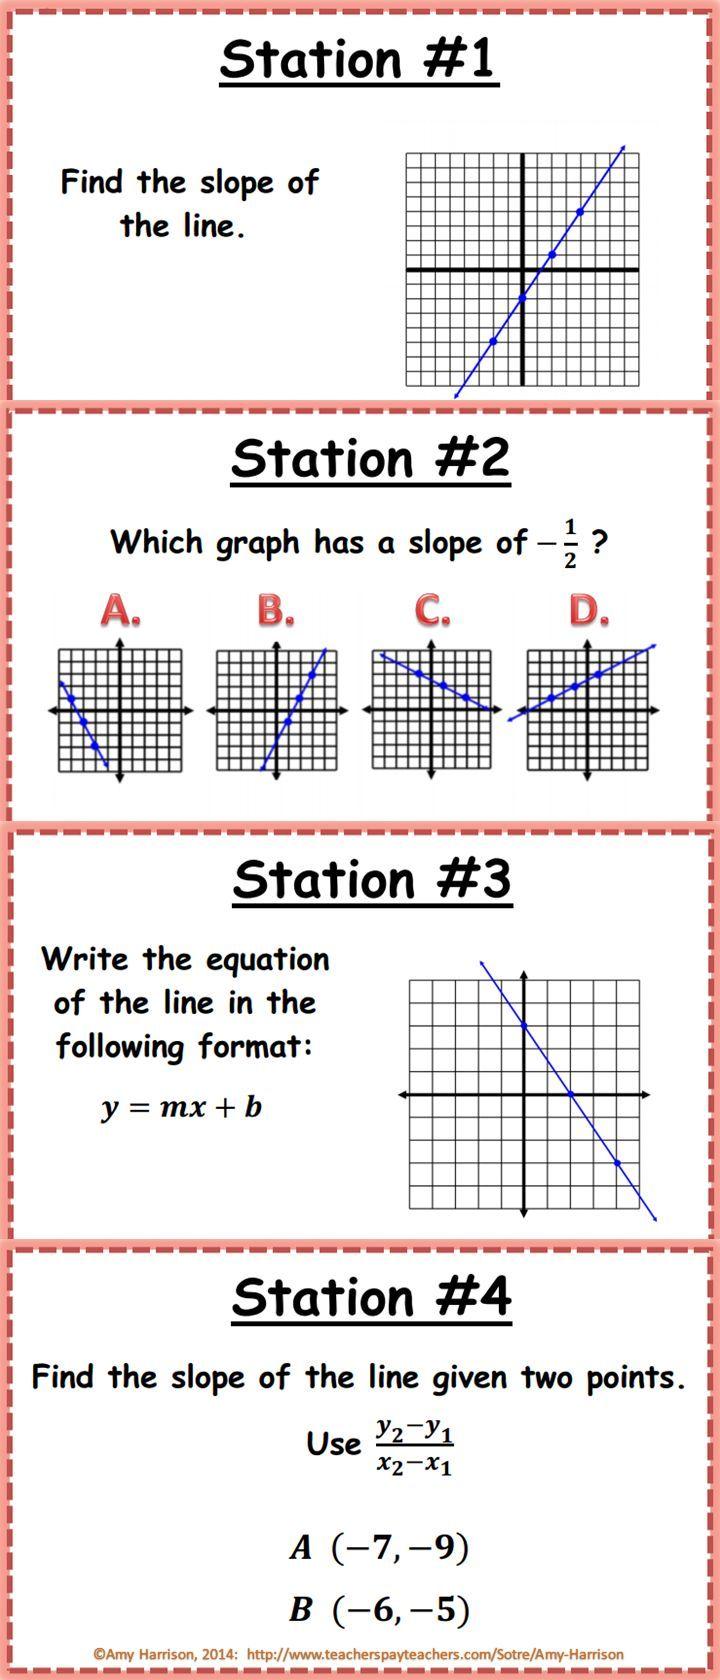 8th Grade Math Worksheets Math Worksheets 8th Grade Math Worksheets Pythagorean Theorem Worksheet